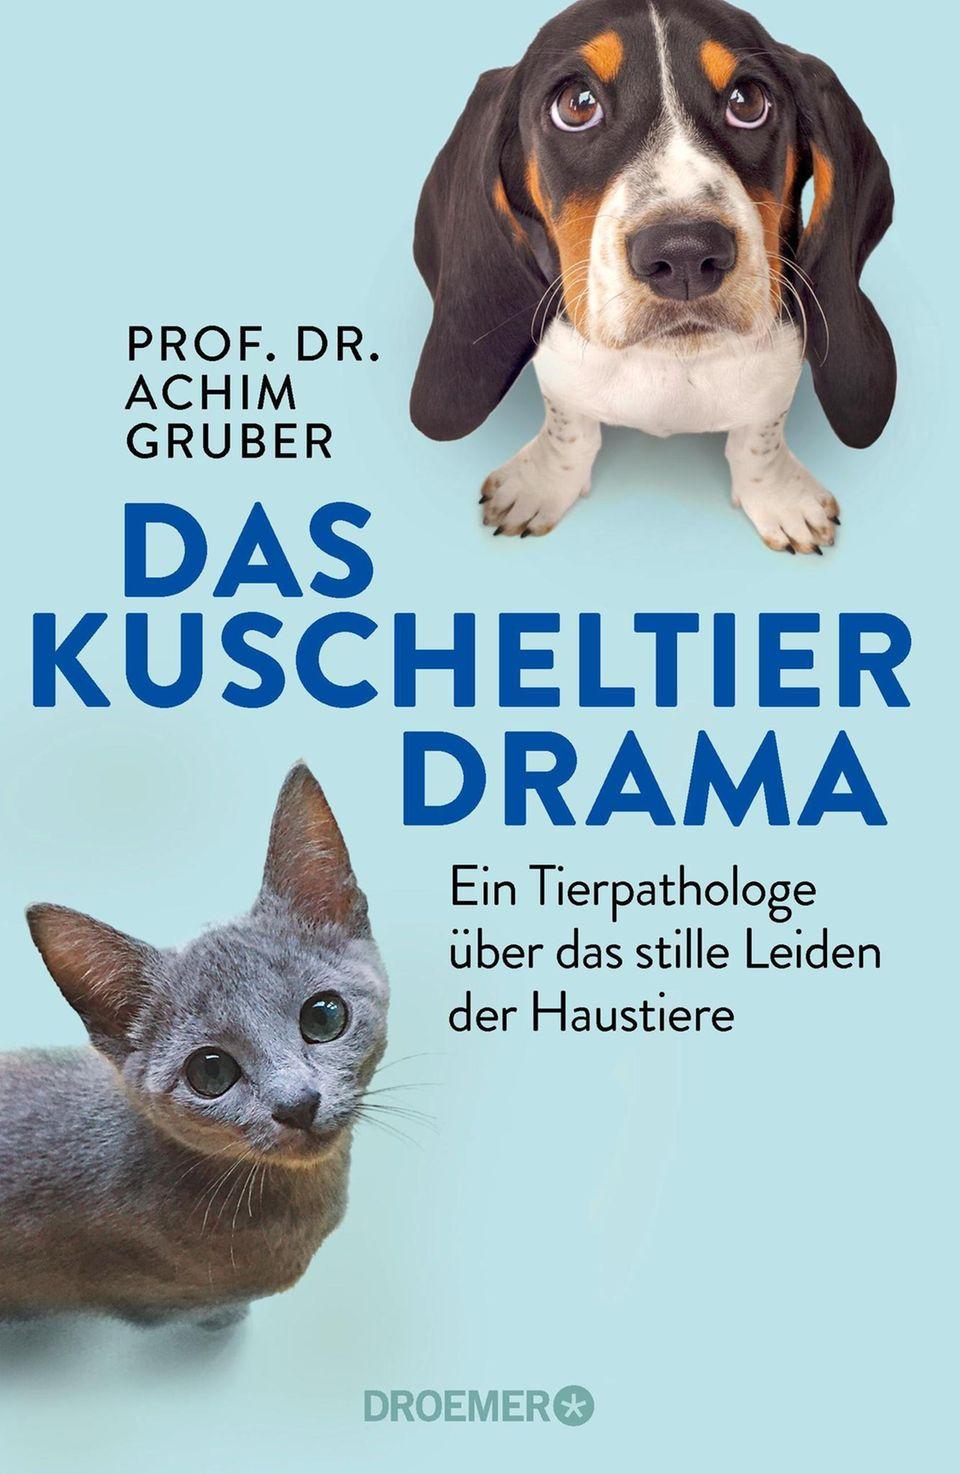 """""""Das Kuscheltierdrama - Ein Tierpathologe über das stille Leiden der Haustiere"""" von Achim Gruber(Droemer HC, 19,99 Euro)."""